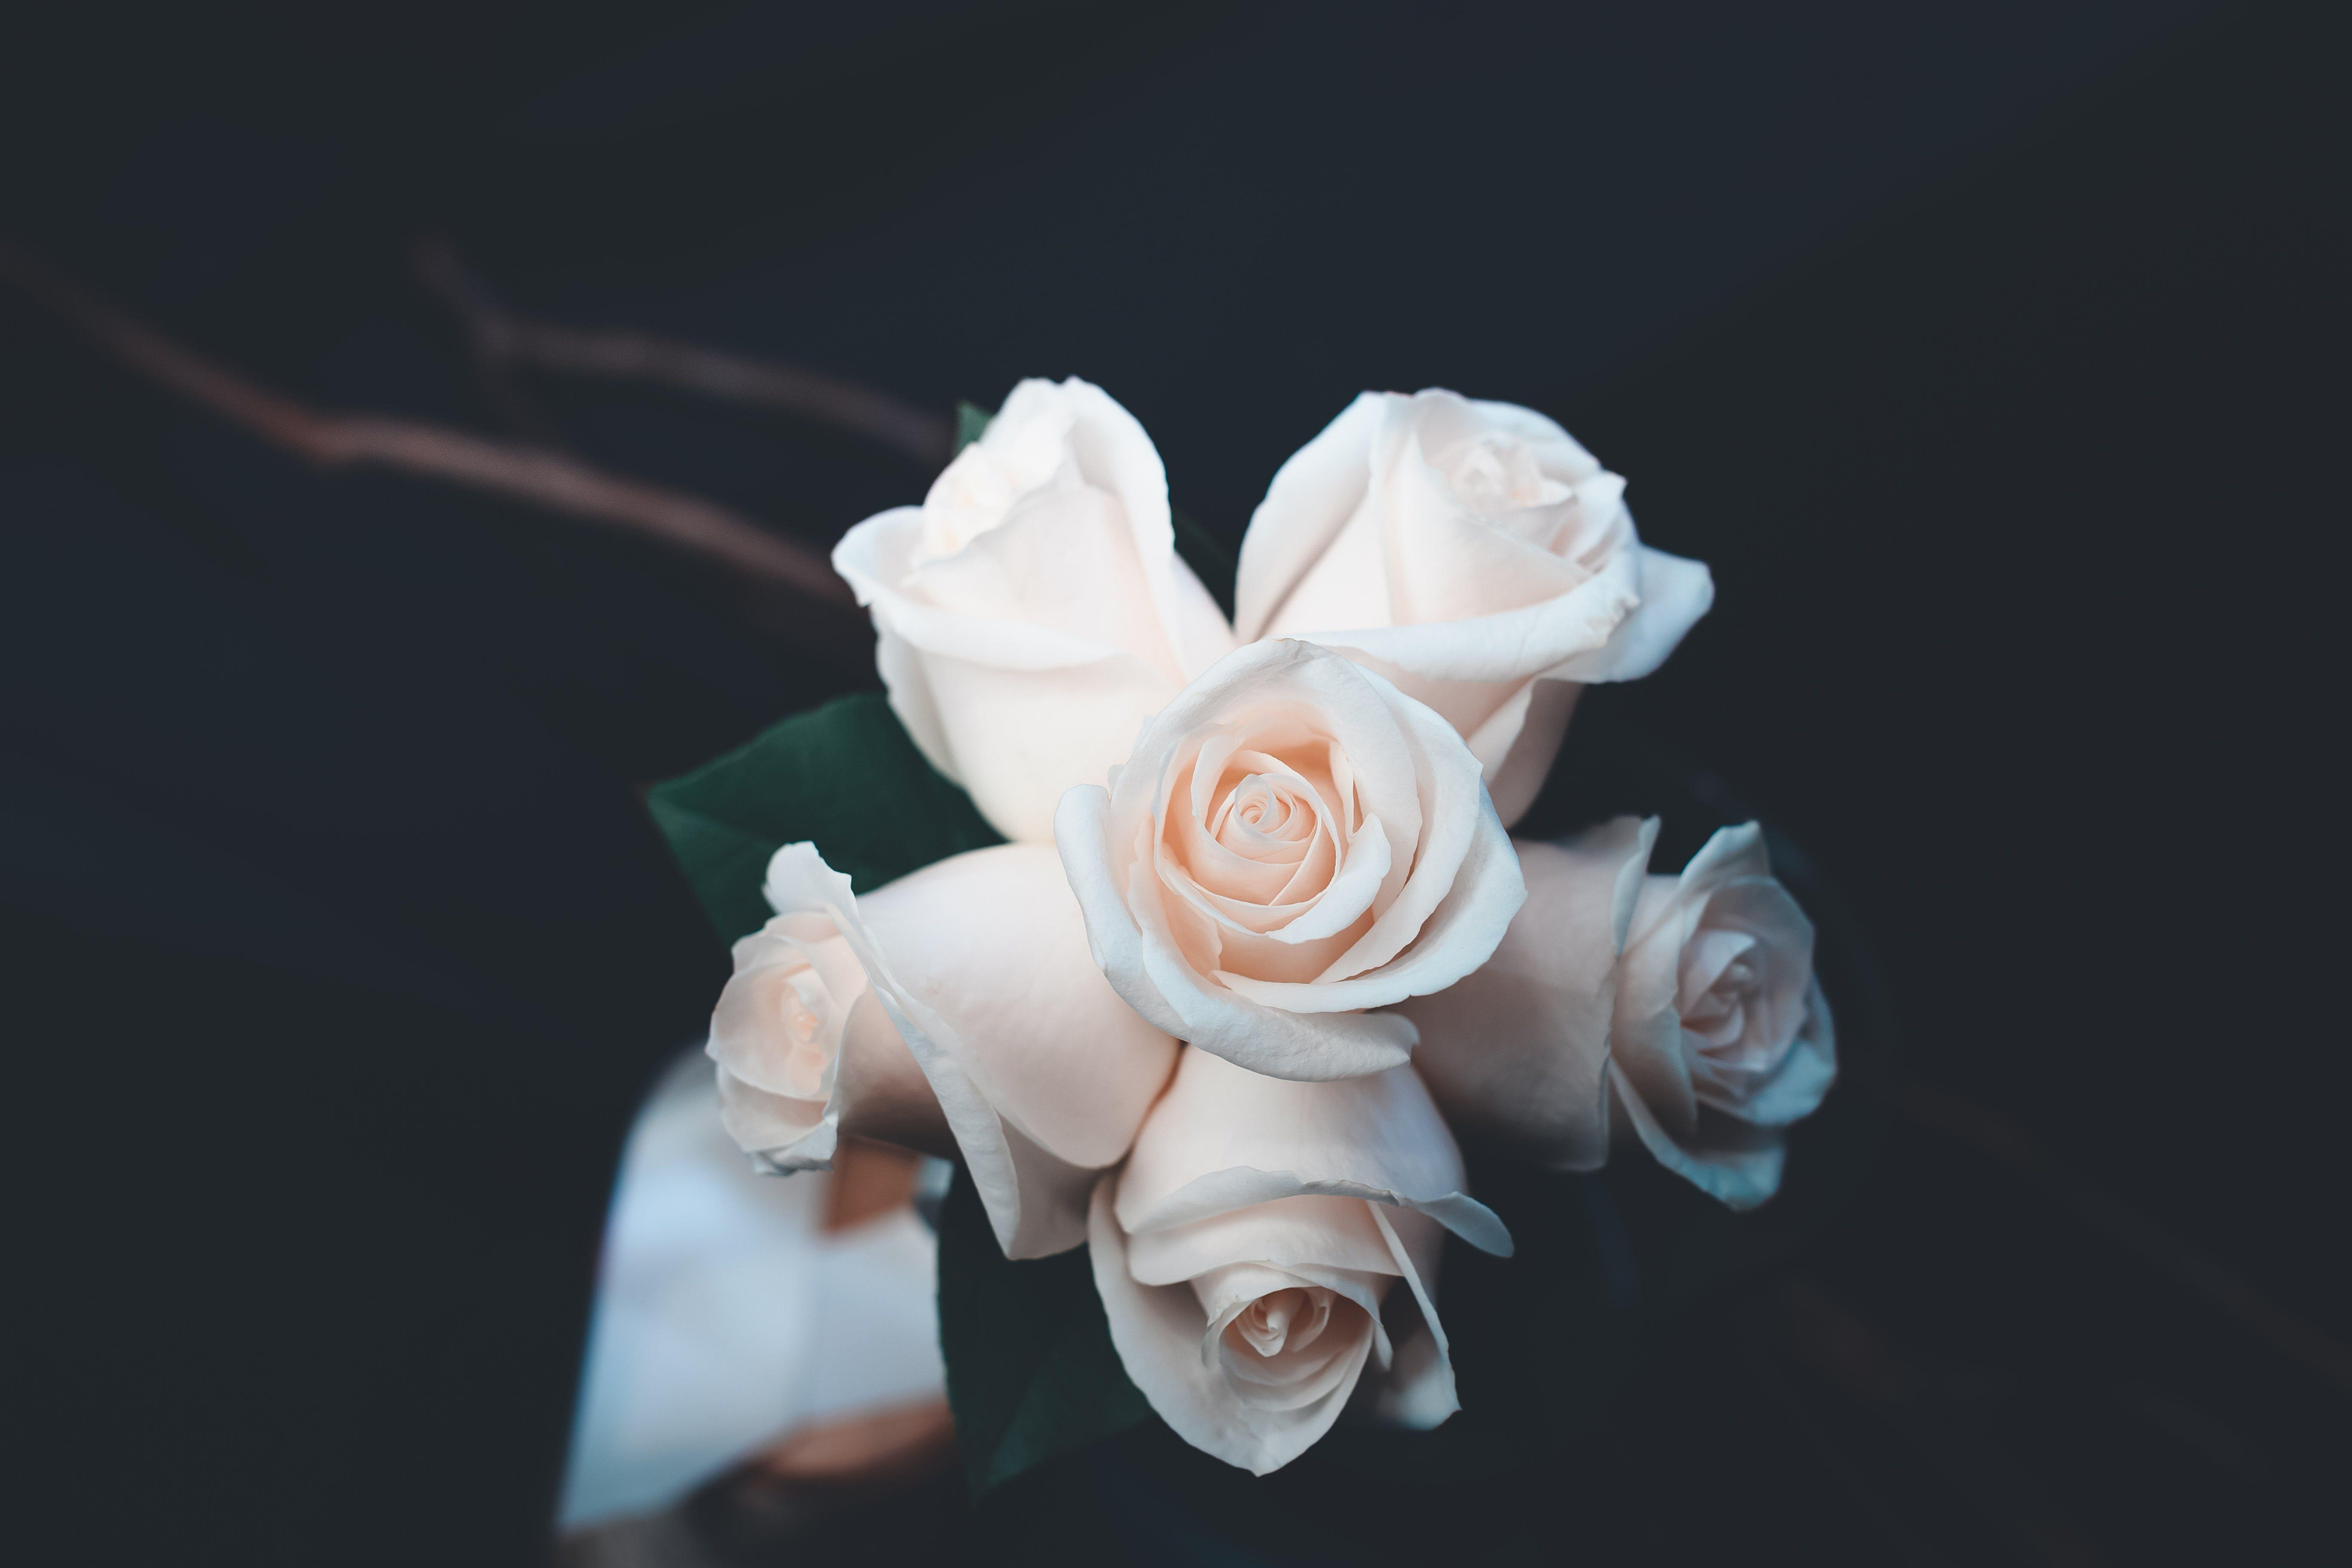 Δωρεάν στοκ φωτογραφιών με ανθισμένος, γαμήλιο μπουκέτο, διακόσμηση, λουλούδια